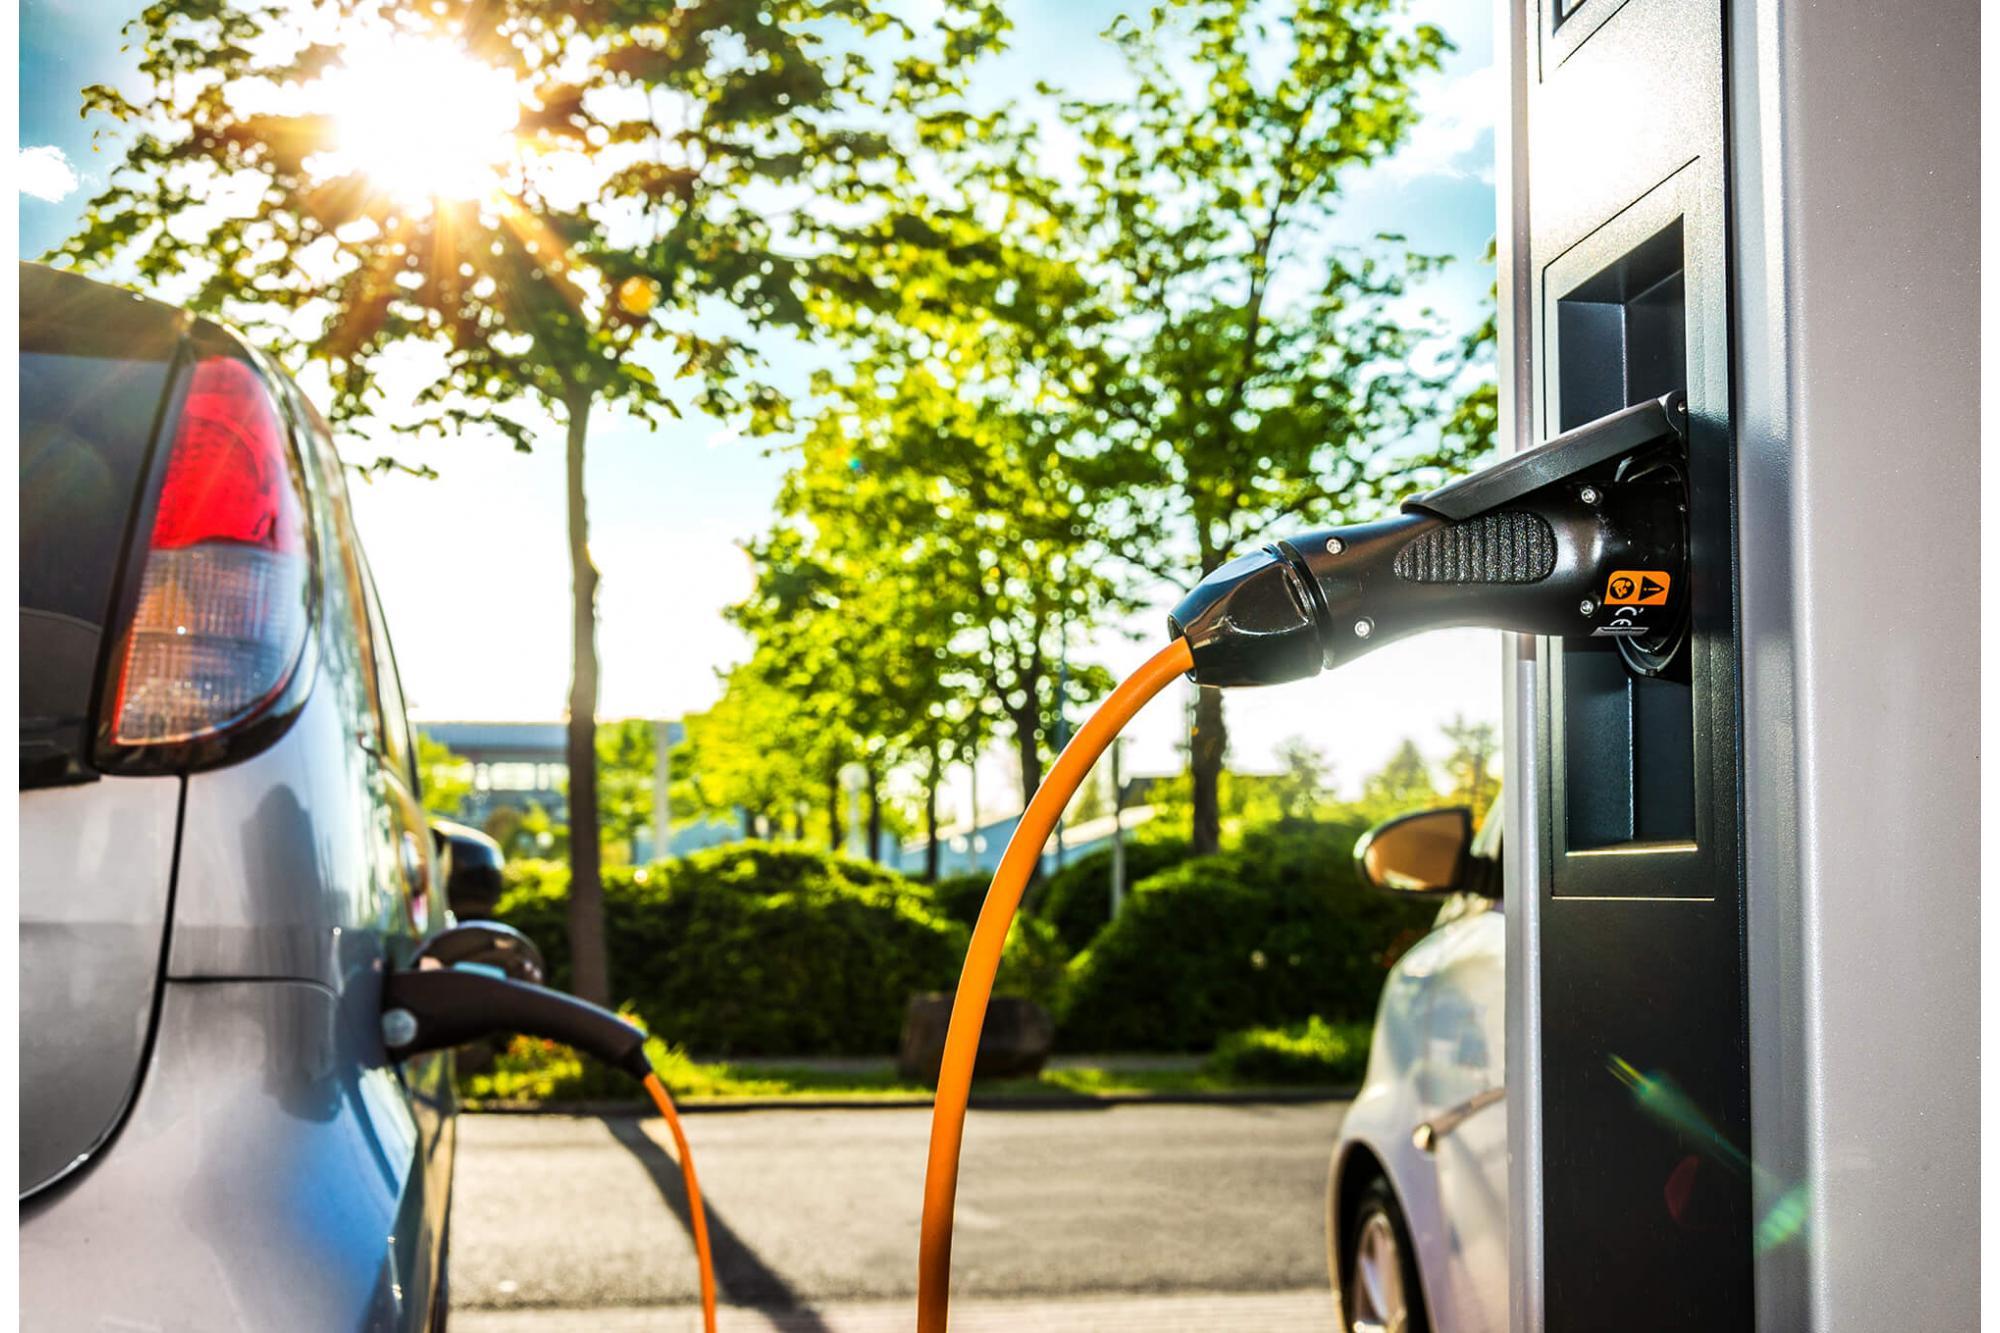 Έκθεση Electromobility 2020